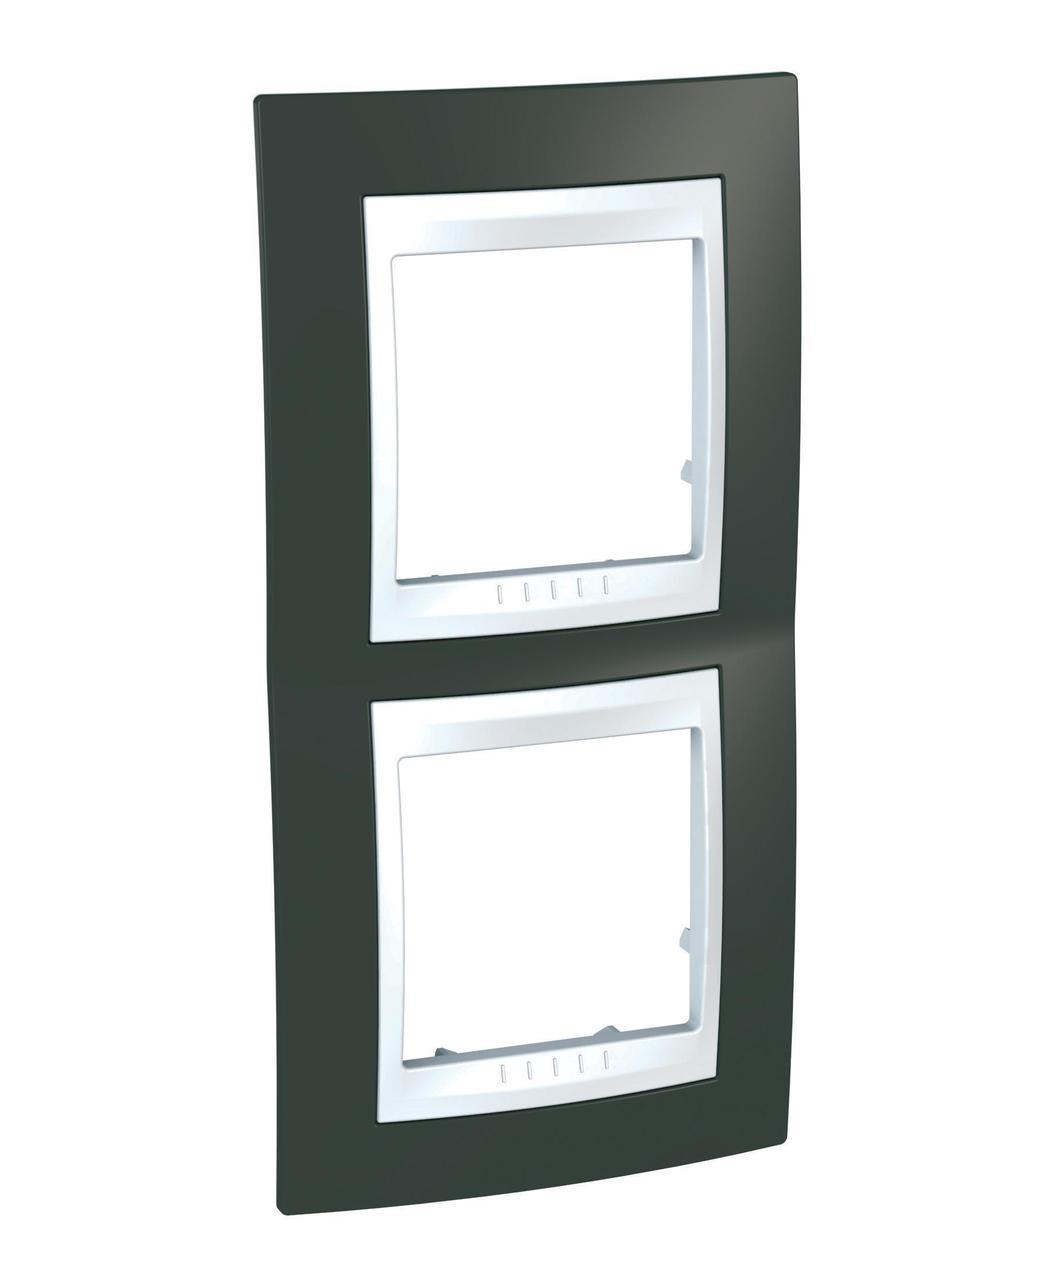 Рамка 2-ая (двойная) вертикальная, Какао/Белый, серия Unica, Schneider Electric